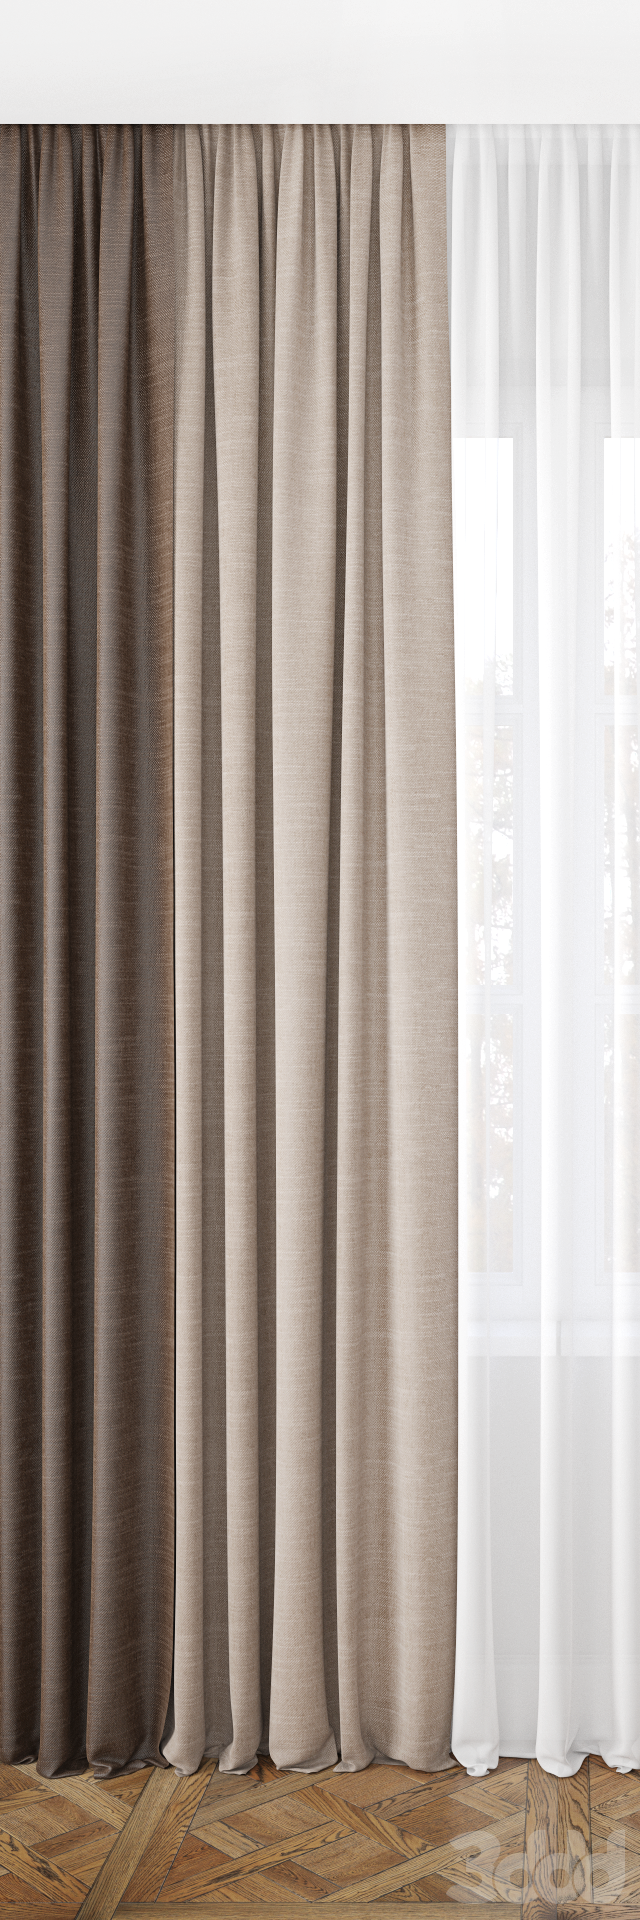 Curtain 28